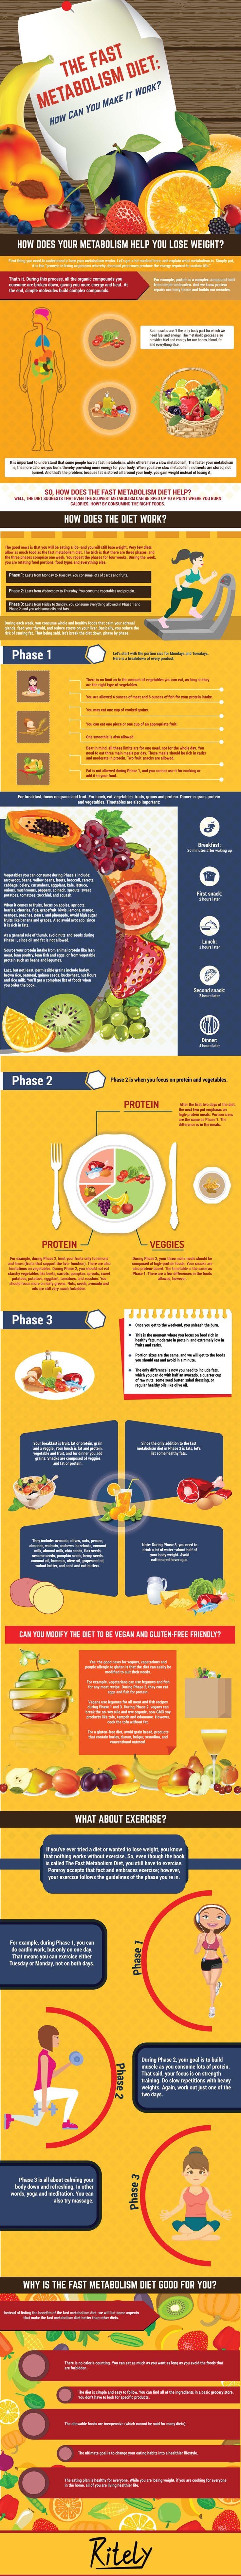 De snelle stofwisseling Dieet: Hoe kunt u het?